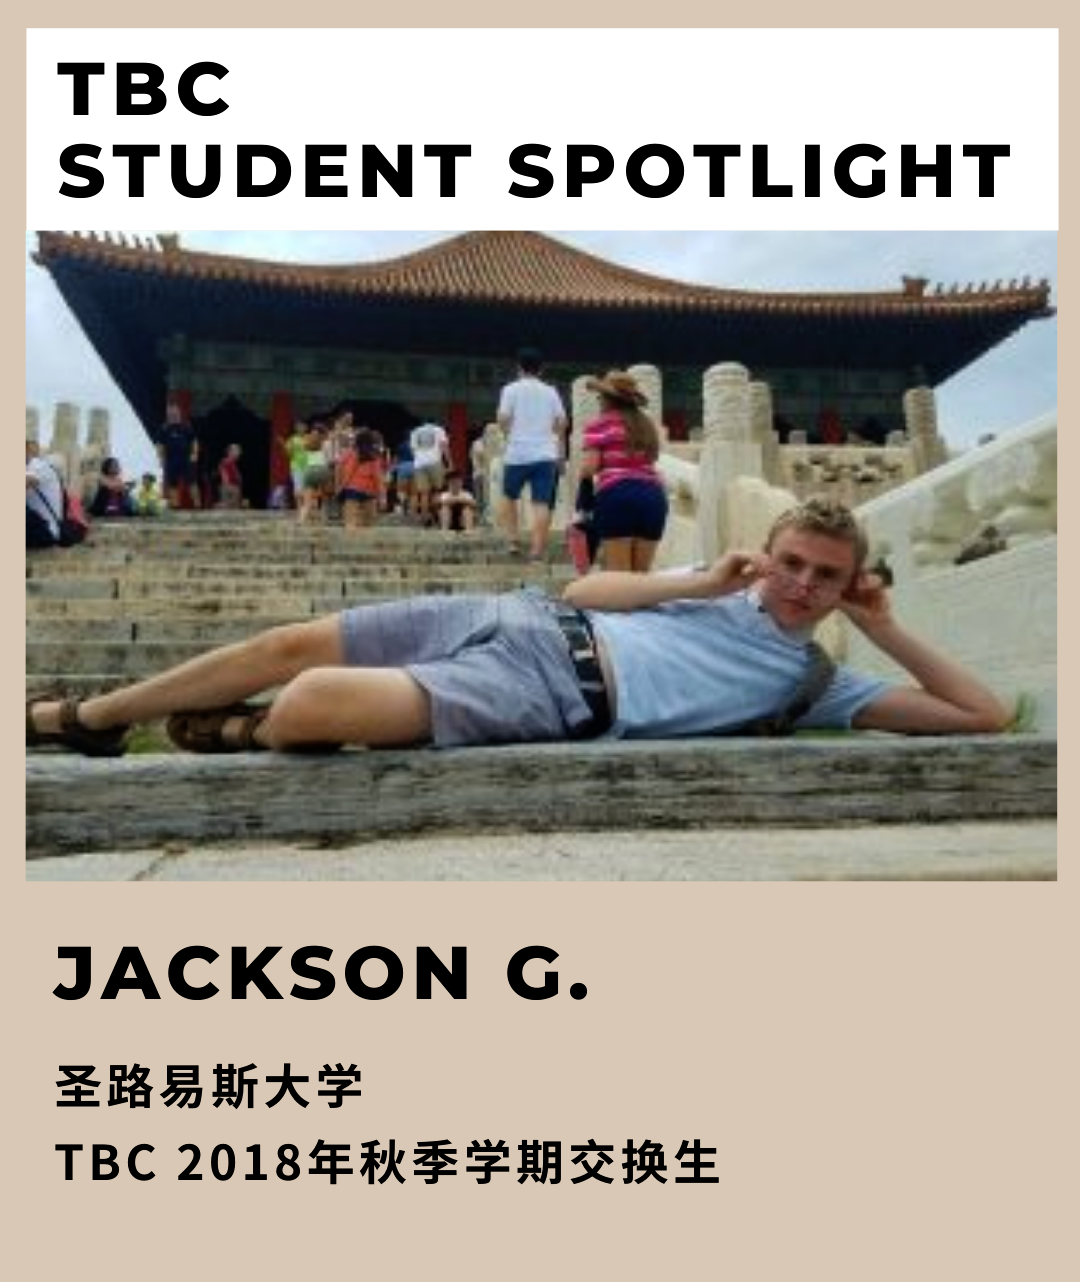 同学说 我,一个美国同性恋,在中国过得好吗?